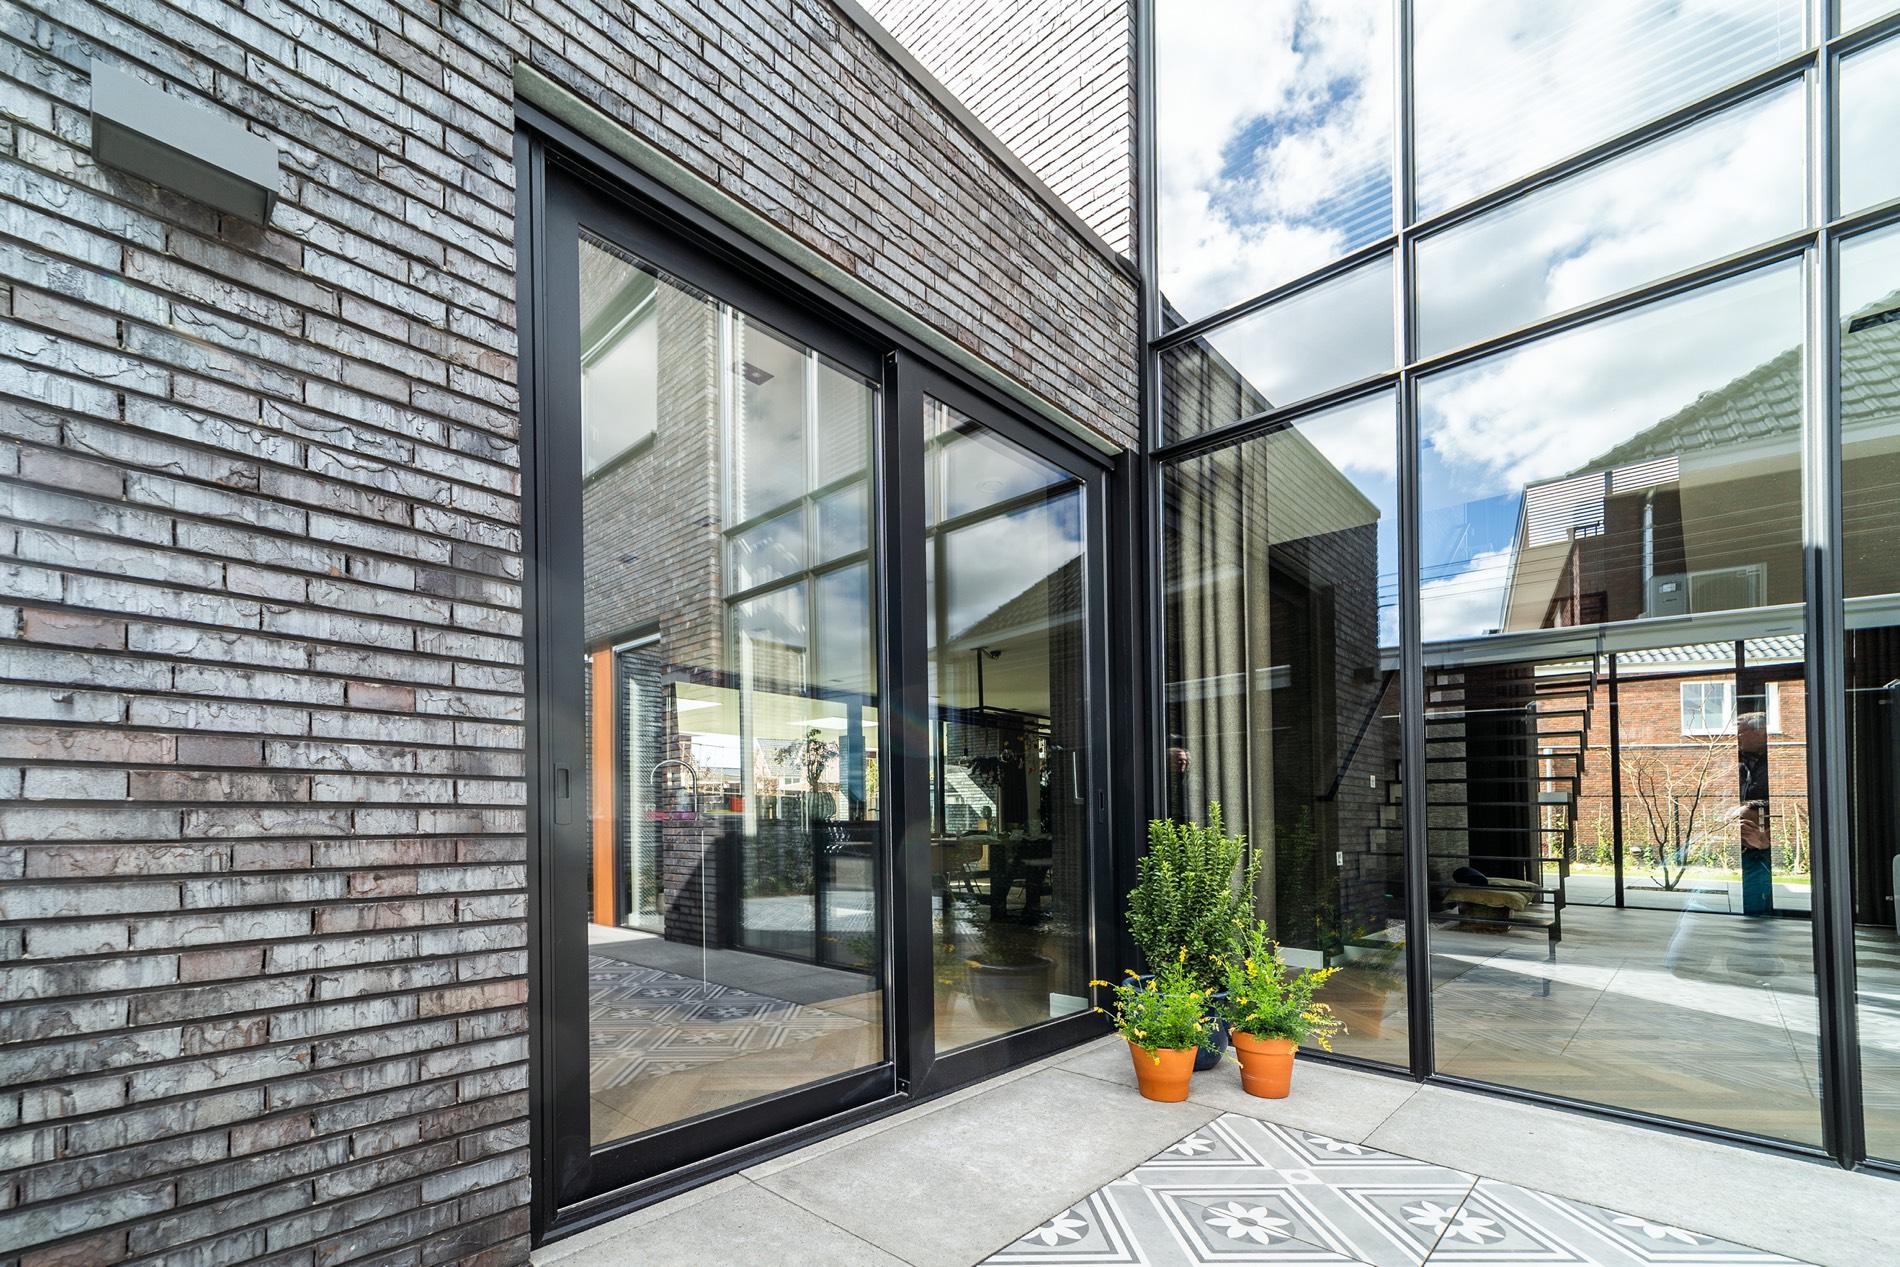 nieuwbouw villa kubistisch modern